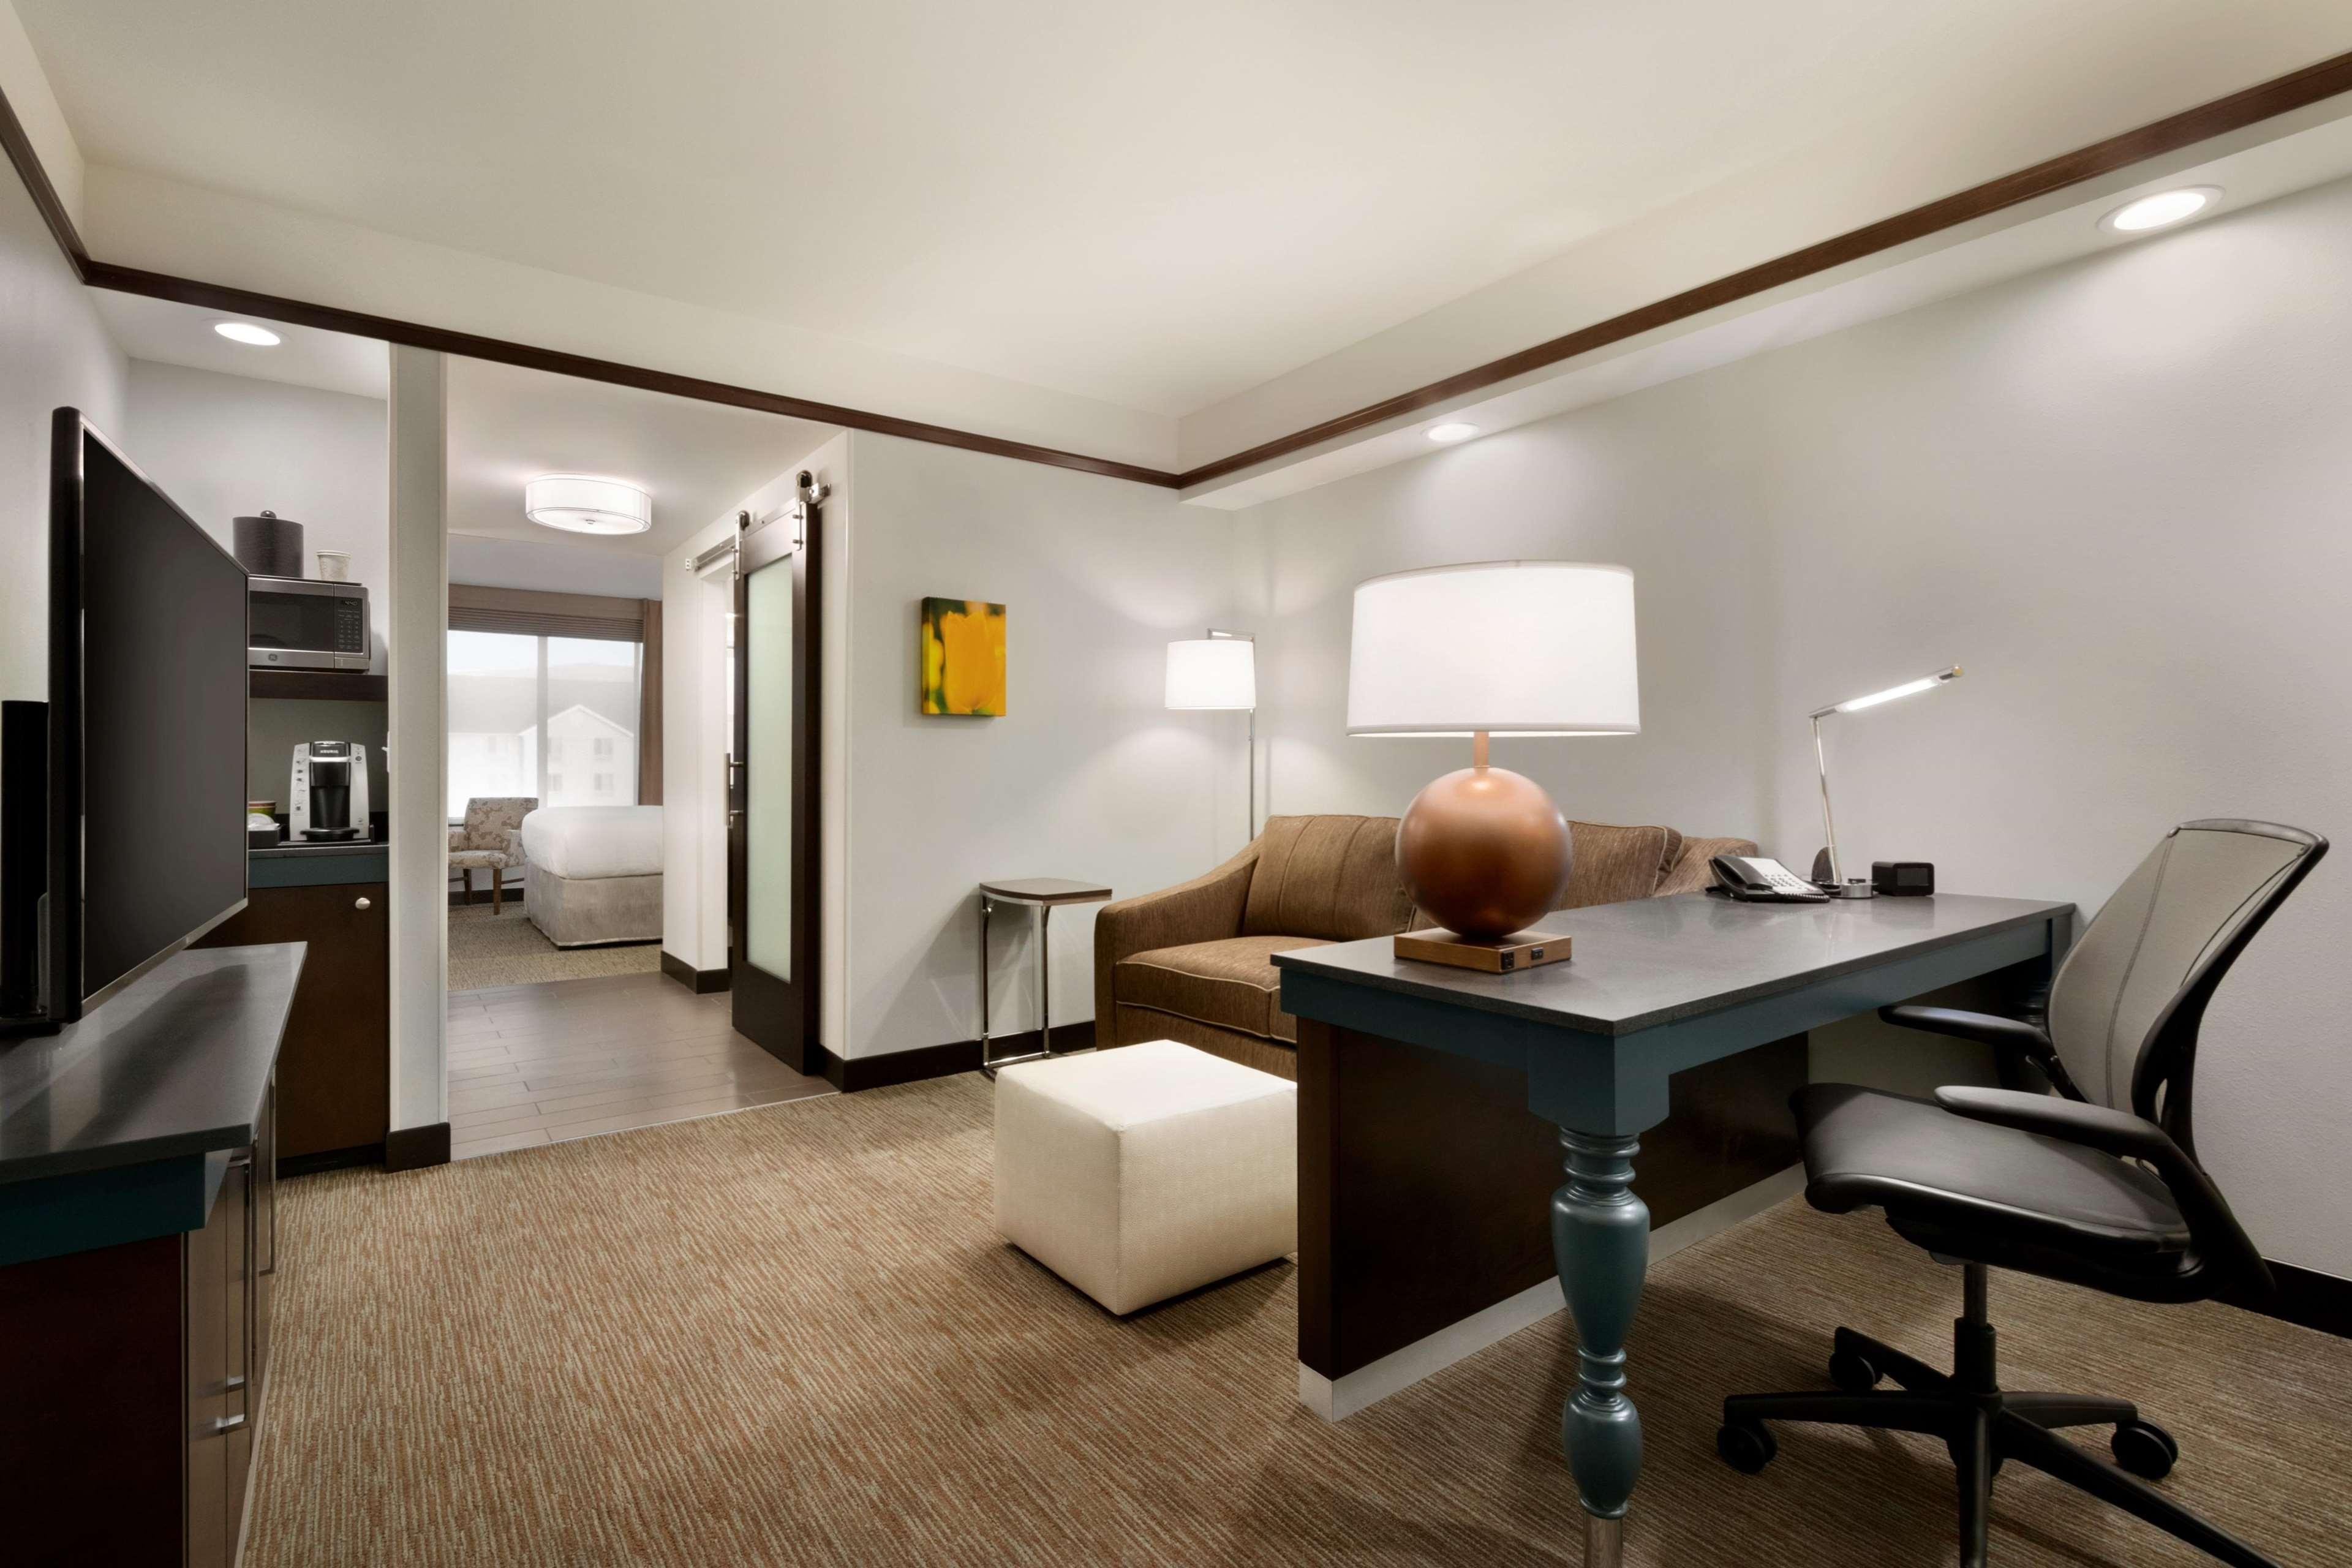 Hilton Garden Inn Medford image 3